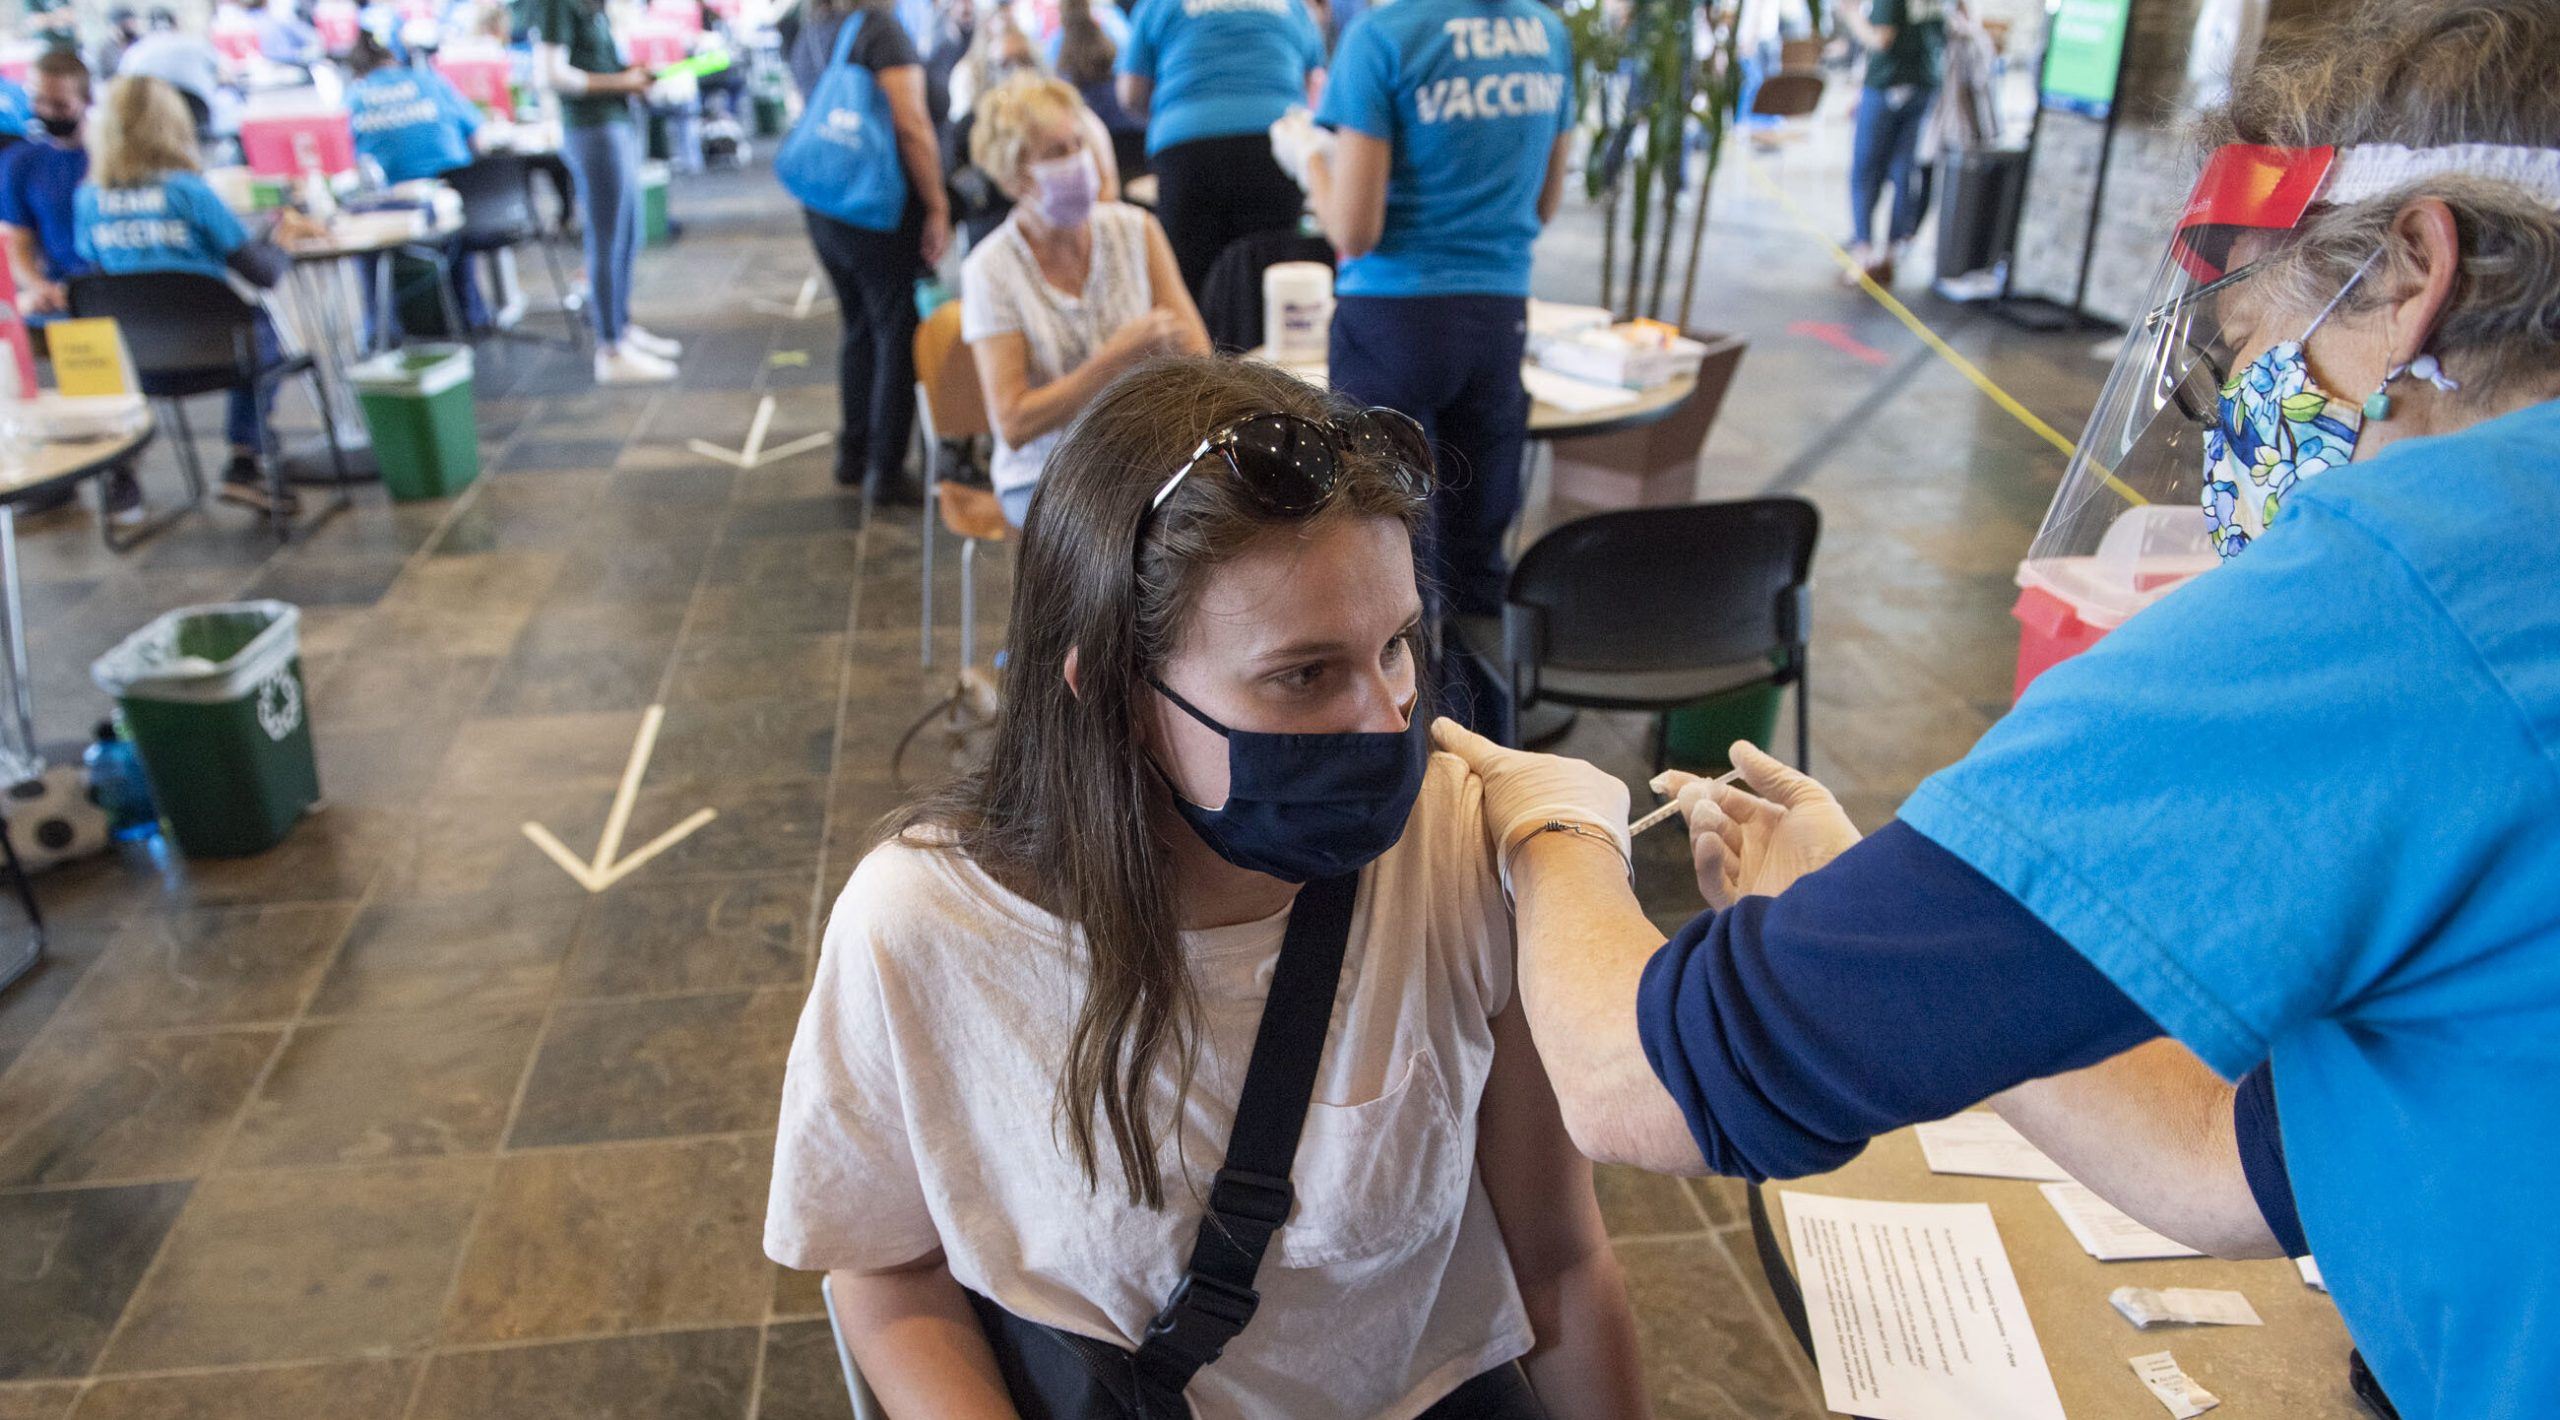 SUA| 6.000 de americani infectați cu SARS-Cov-2 după vaccinare. Sau 0,007% din totalul celor complet imunizați